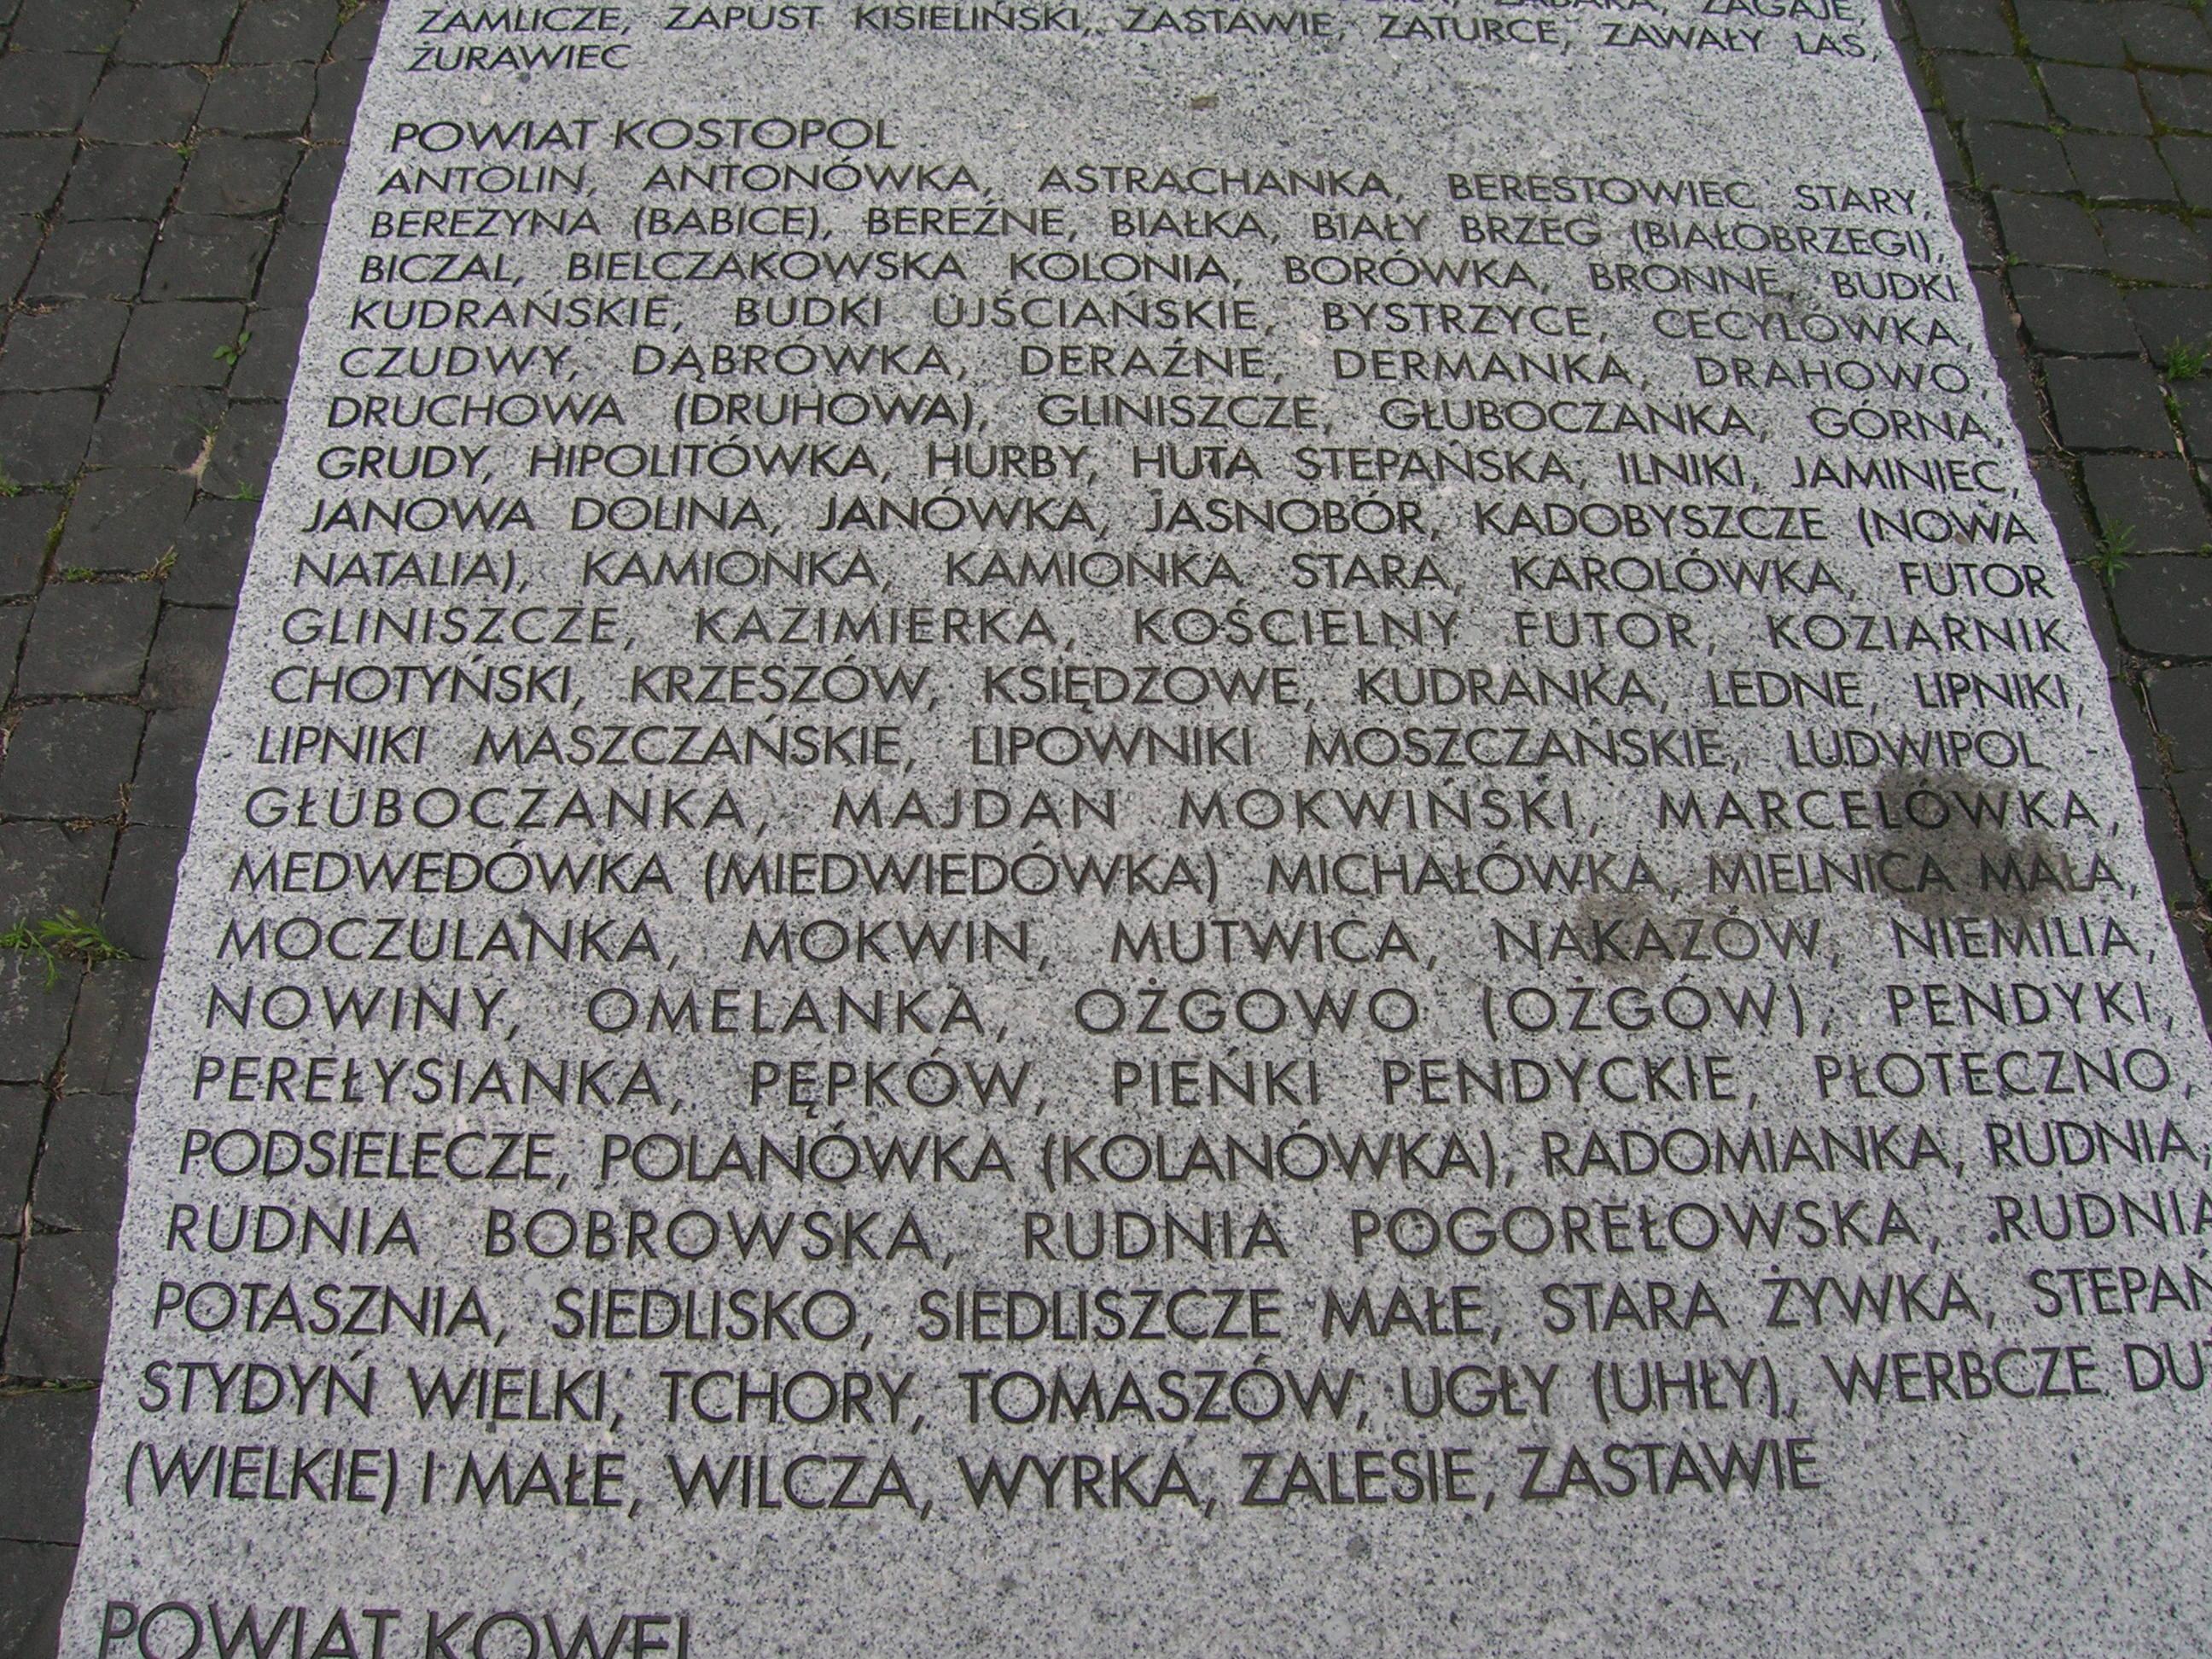 Zbrodnie w Derażnem – Wikipedia, wolna encyklopedia